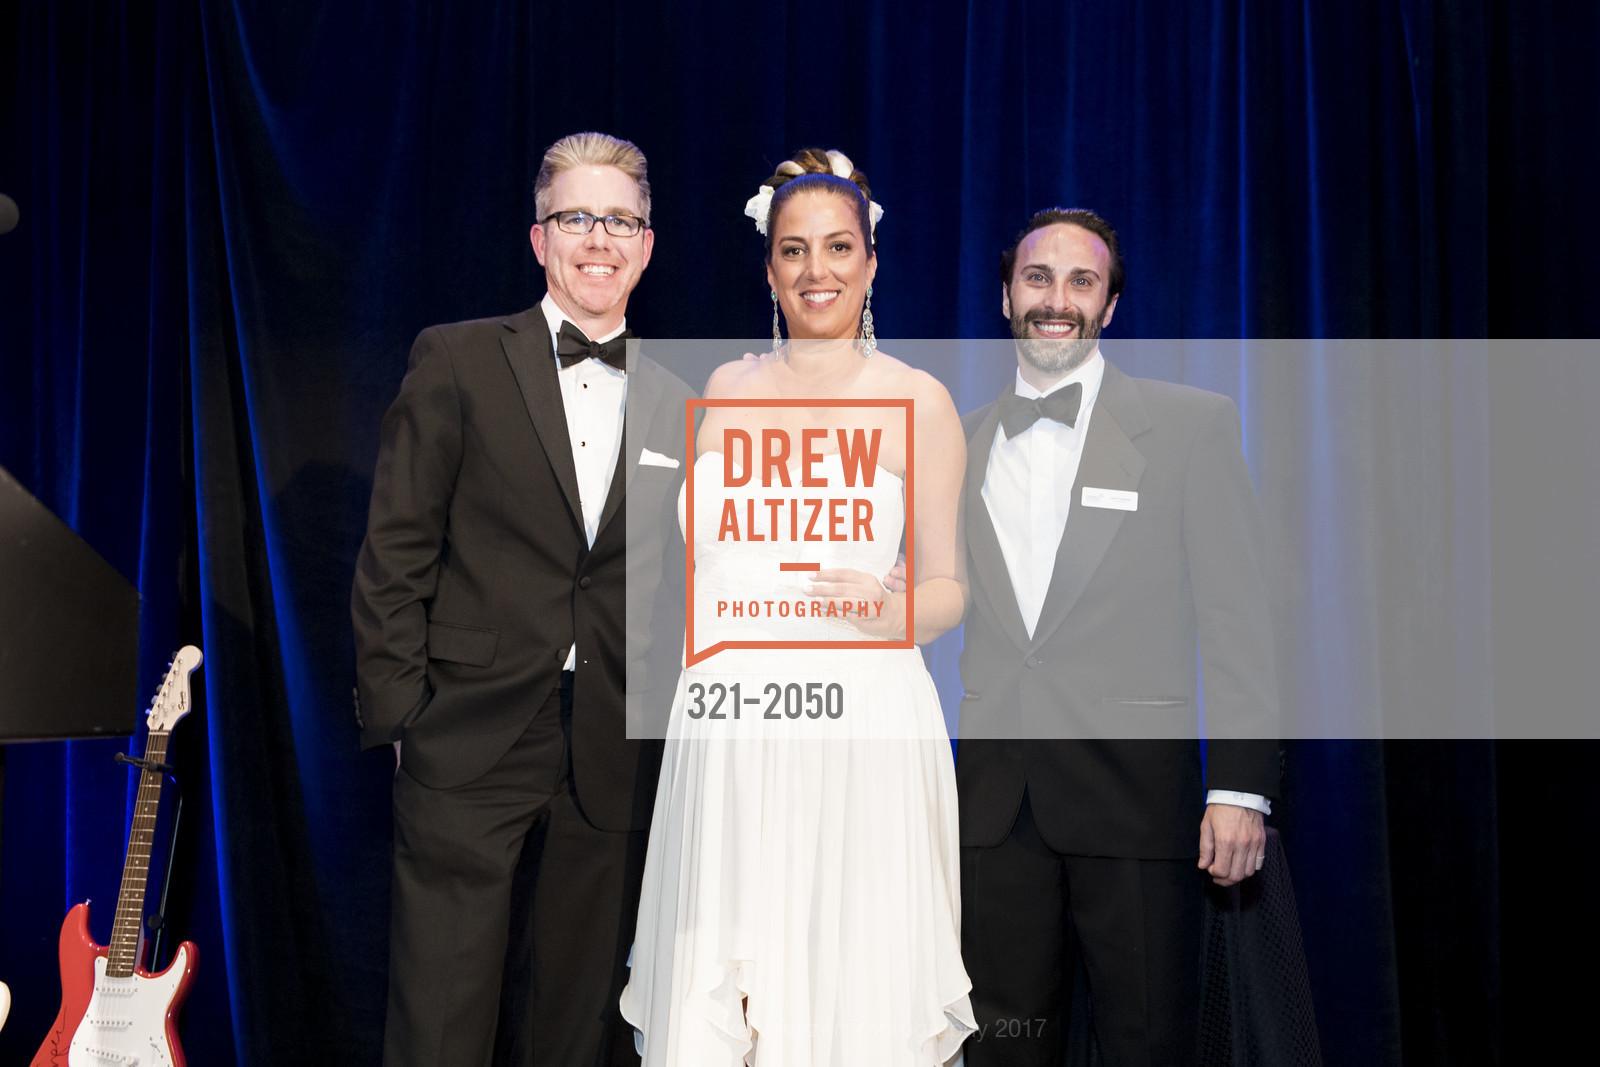 Derek Aitken, Jan Reicher, Nick Friedman, Photo #321-2050